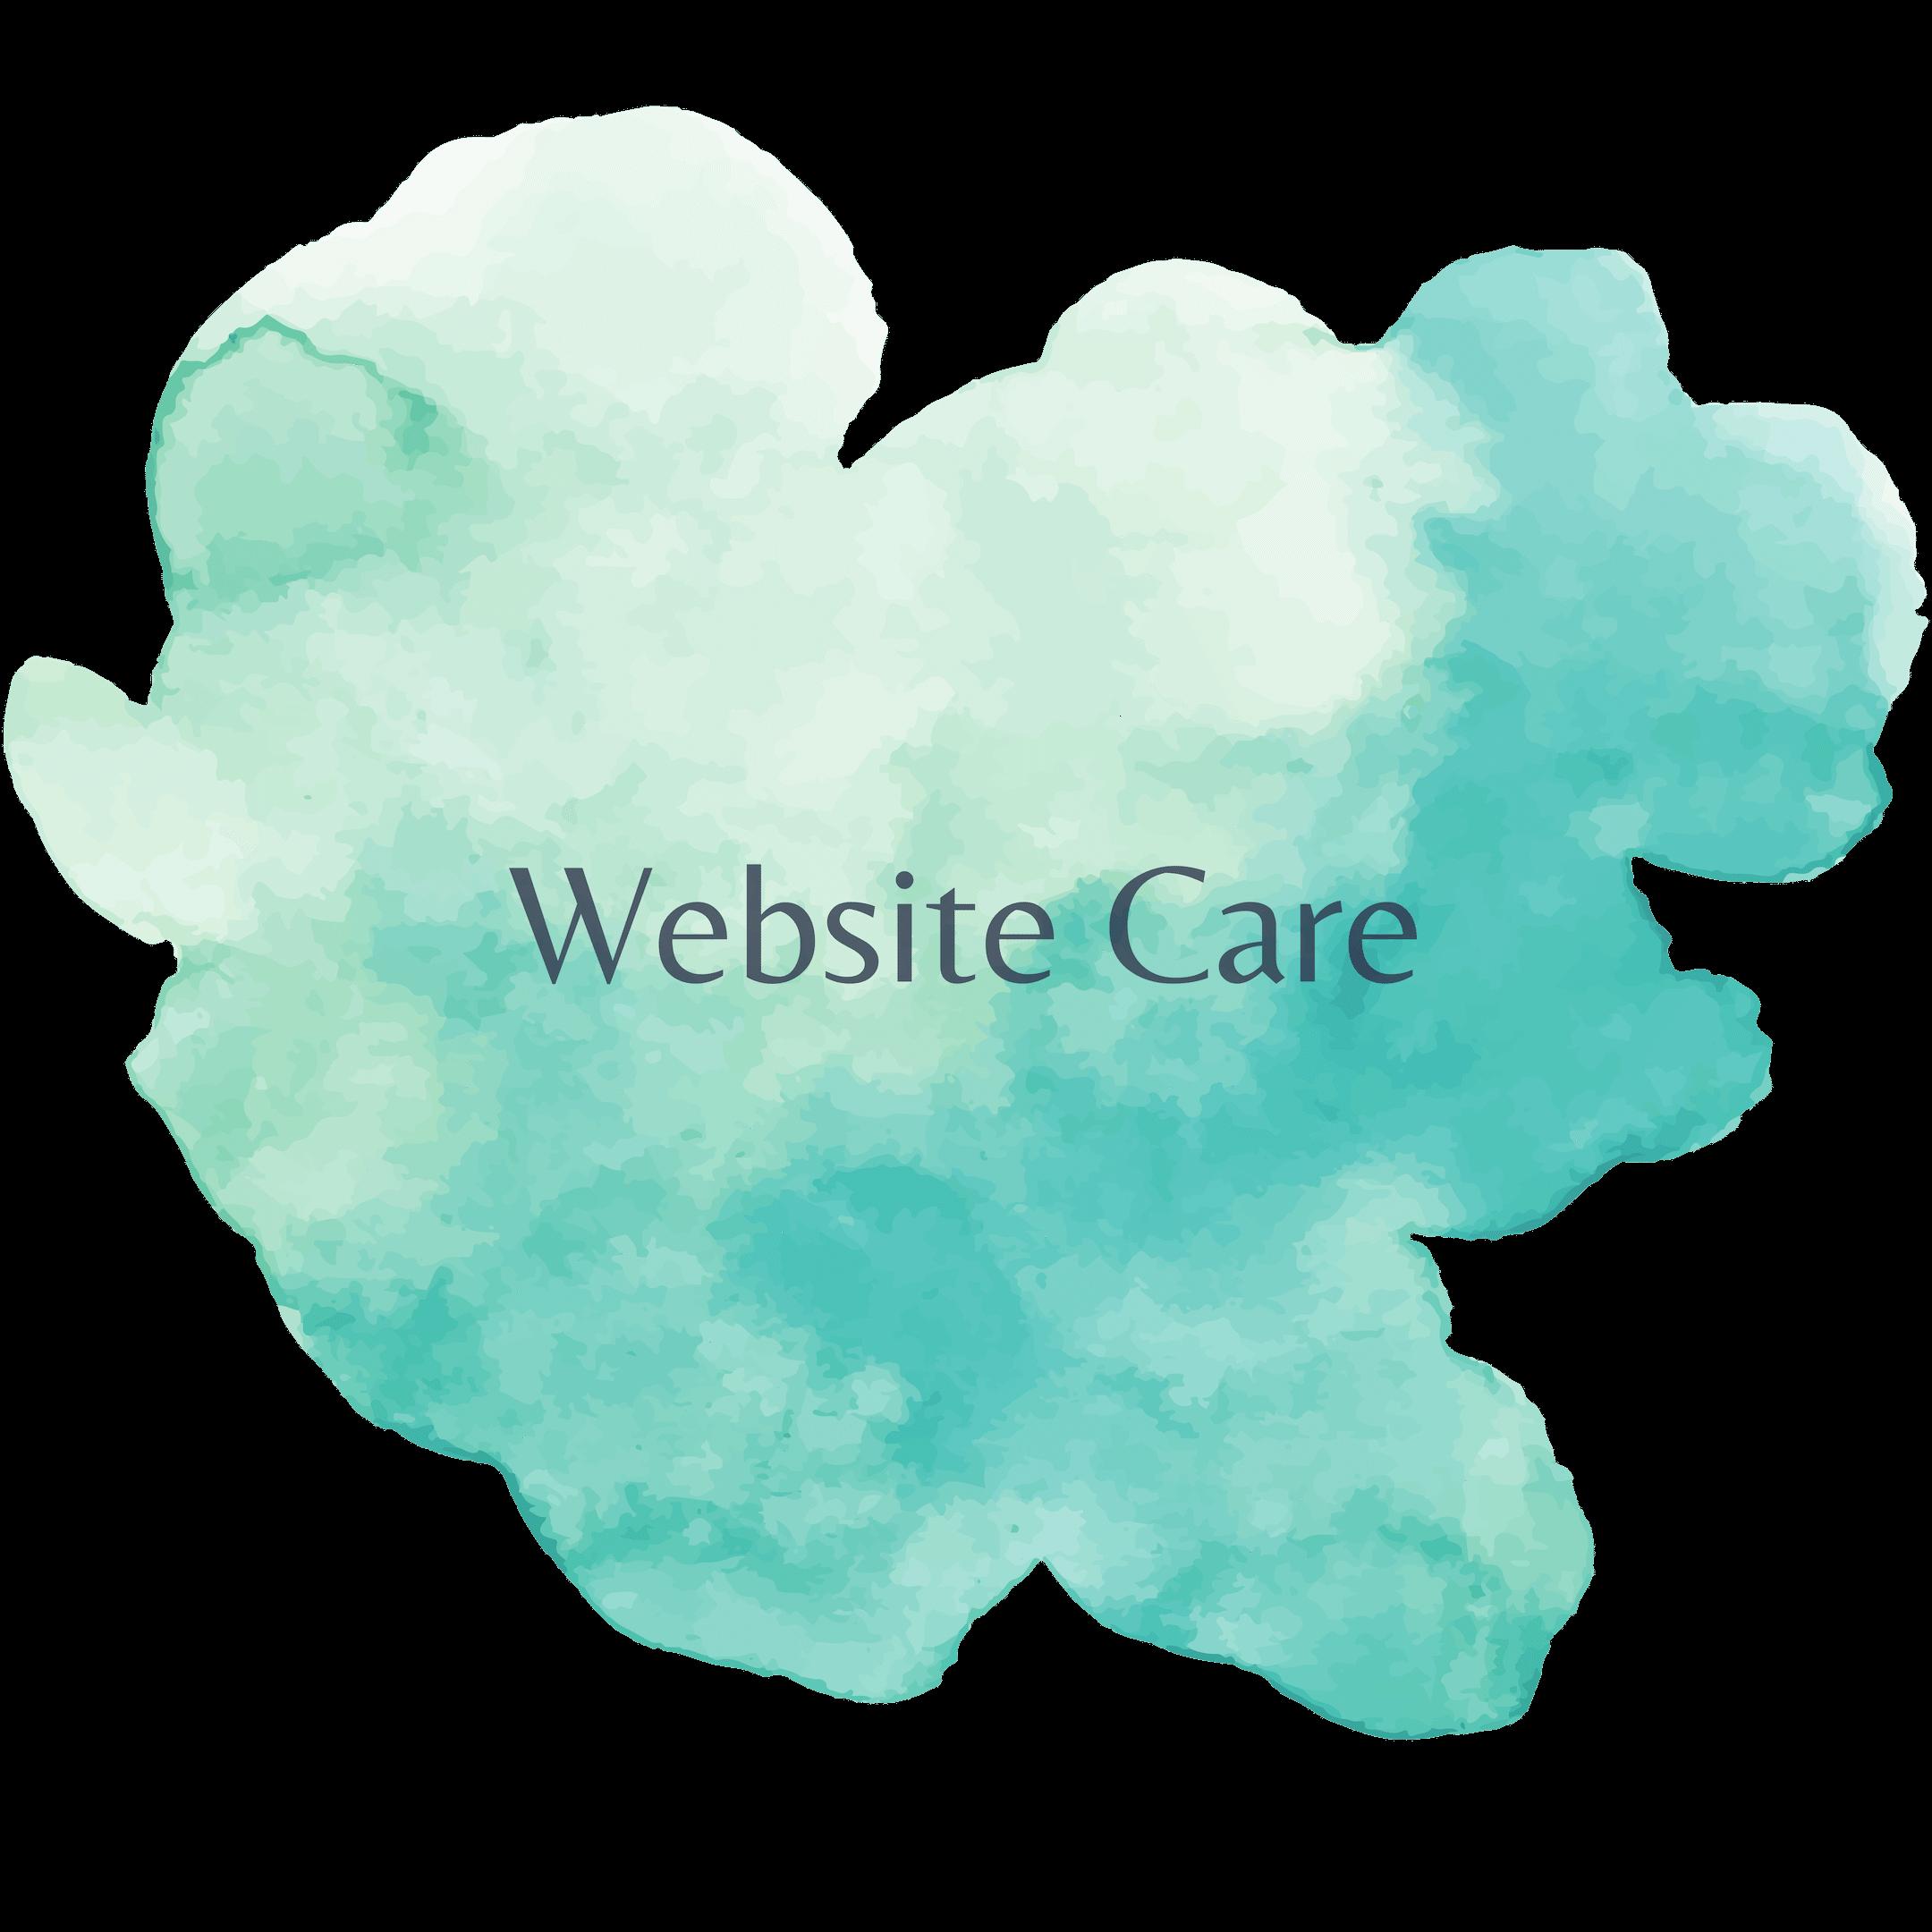 Website Care